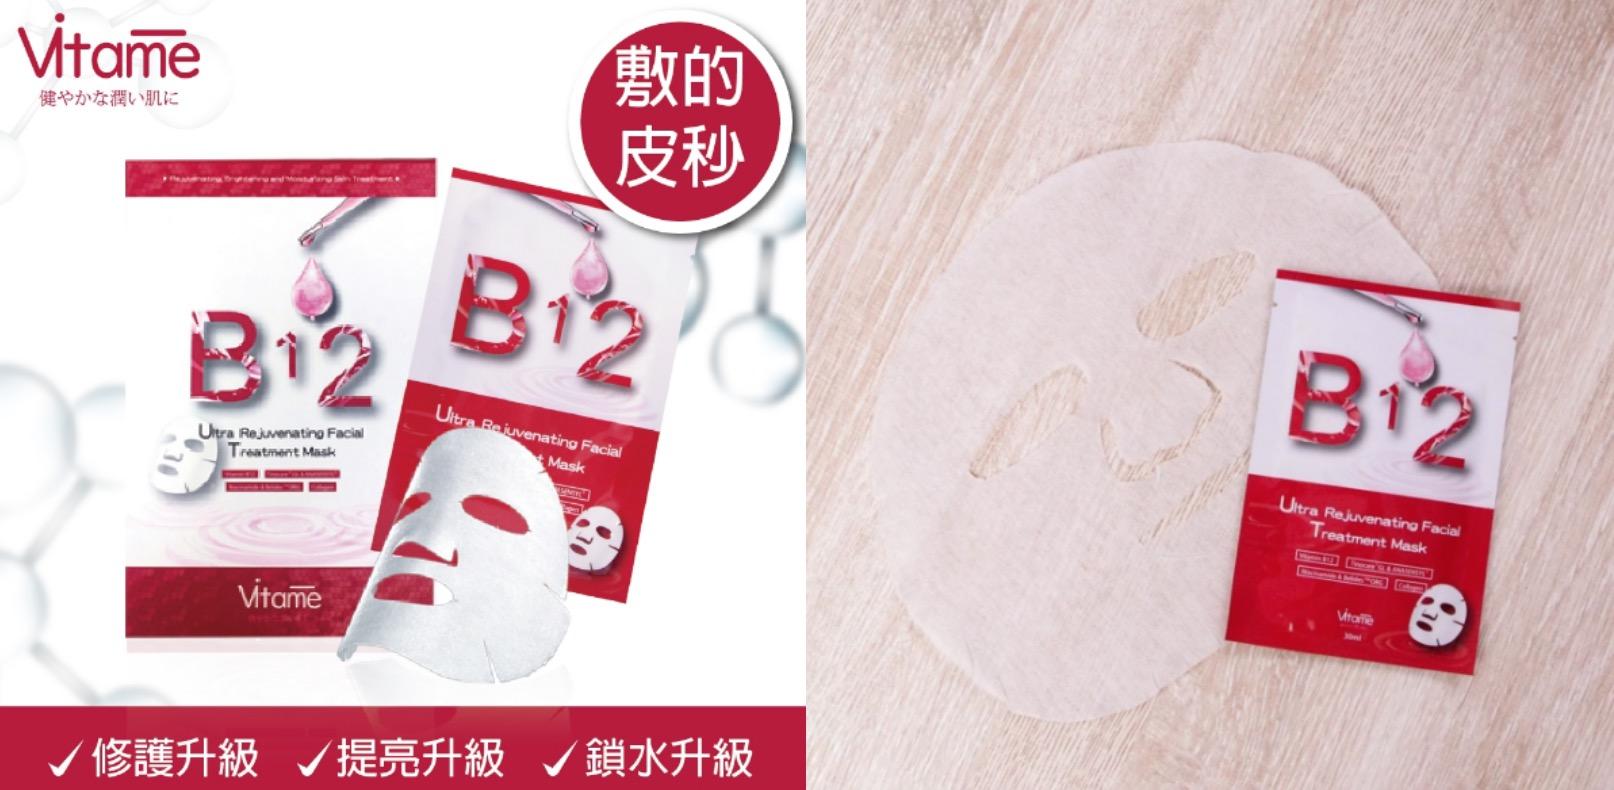 想要肌膚亮澤活力,從根源解決問題最重要!這款面膜是100%純棉天然環保分解材質,能保濕、提亮、修護、油水平衡肌膚,使肌膚由內而外恢復光澤。